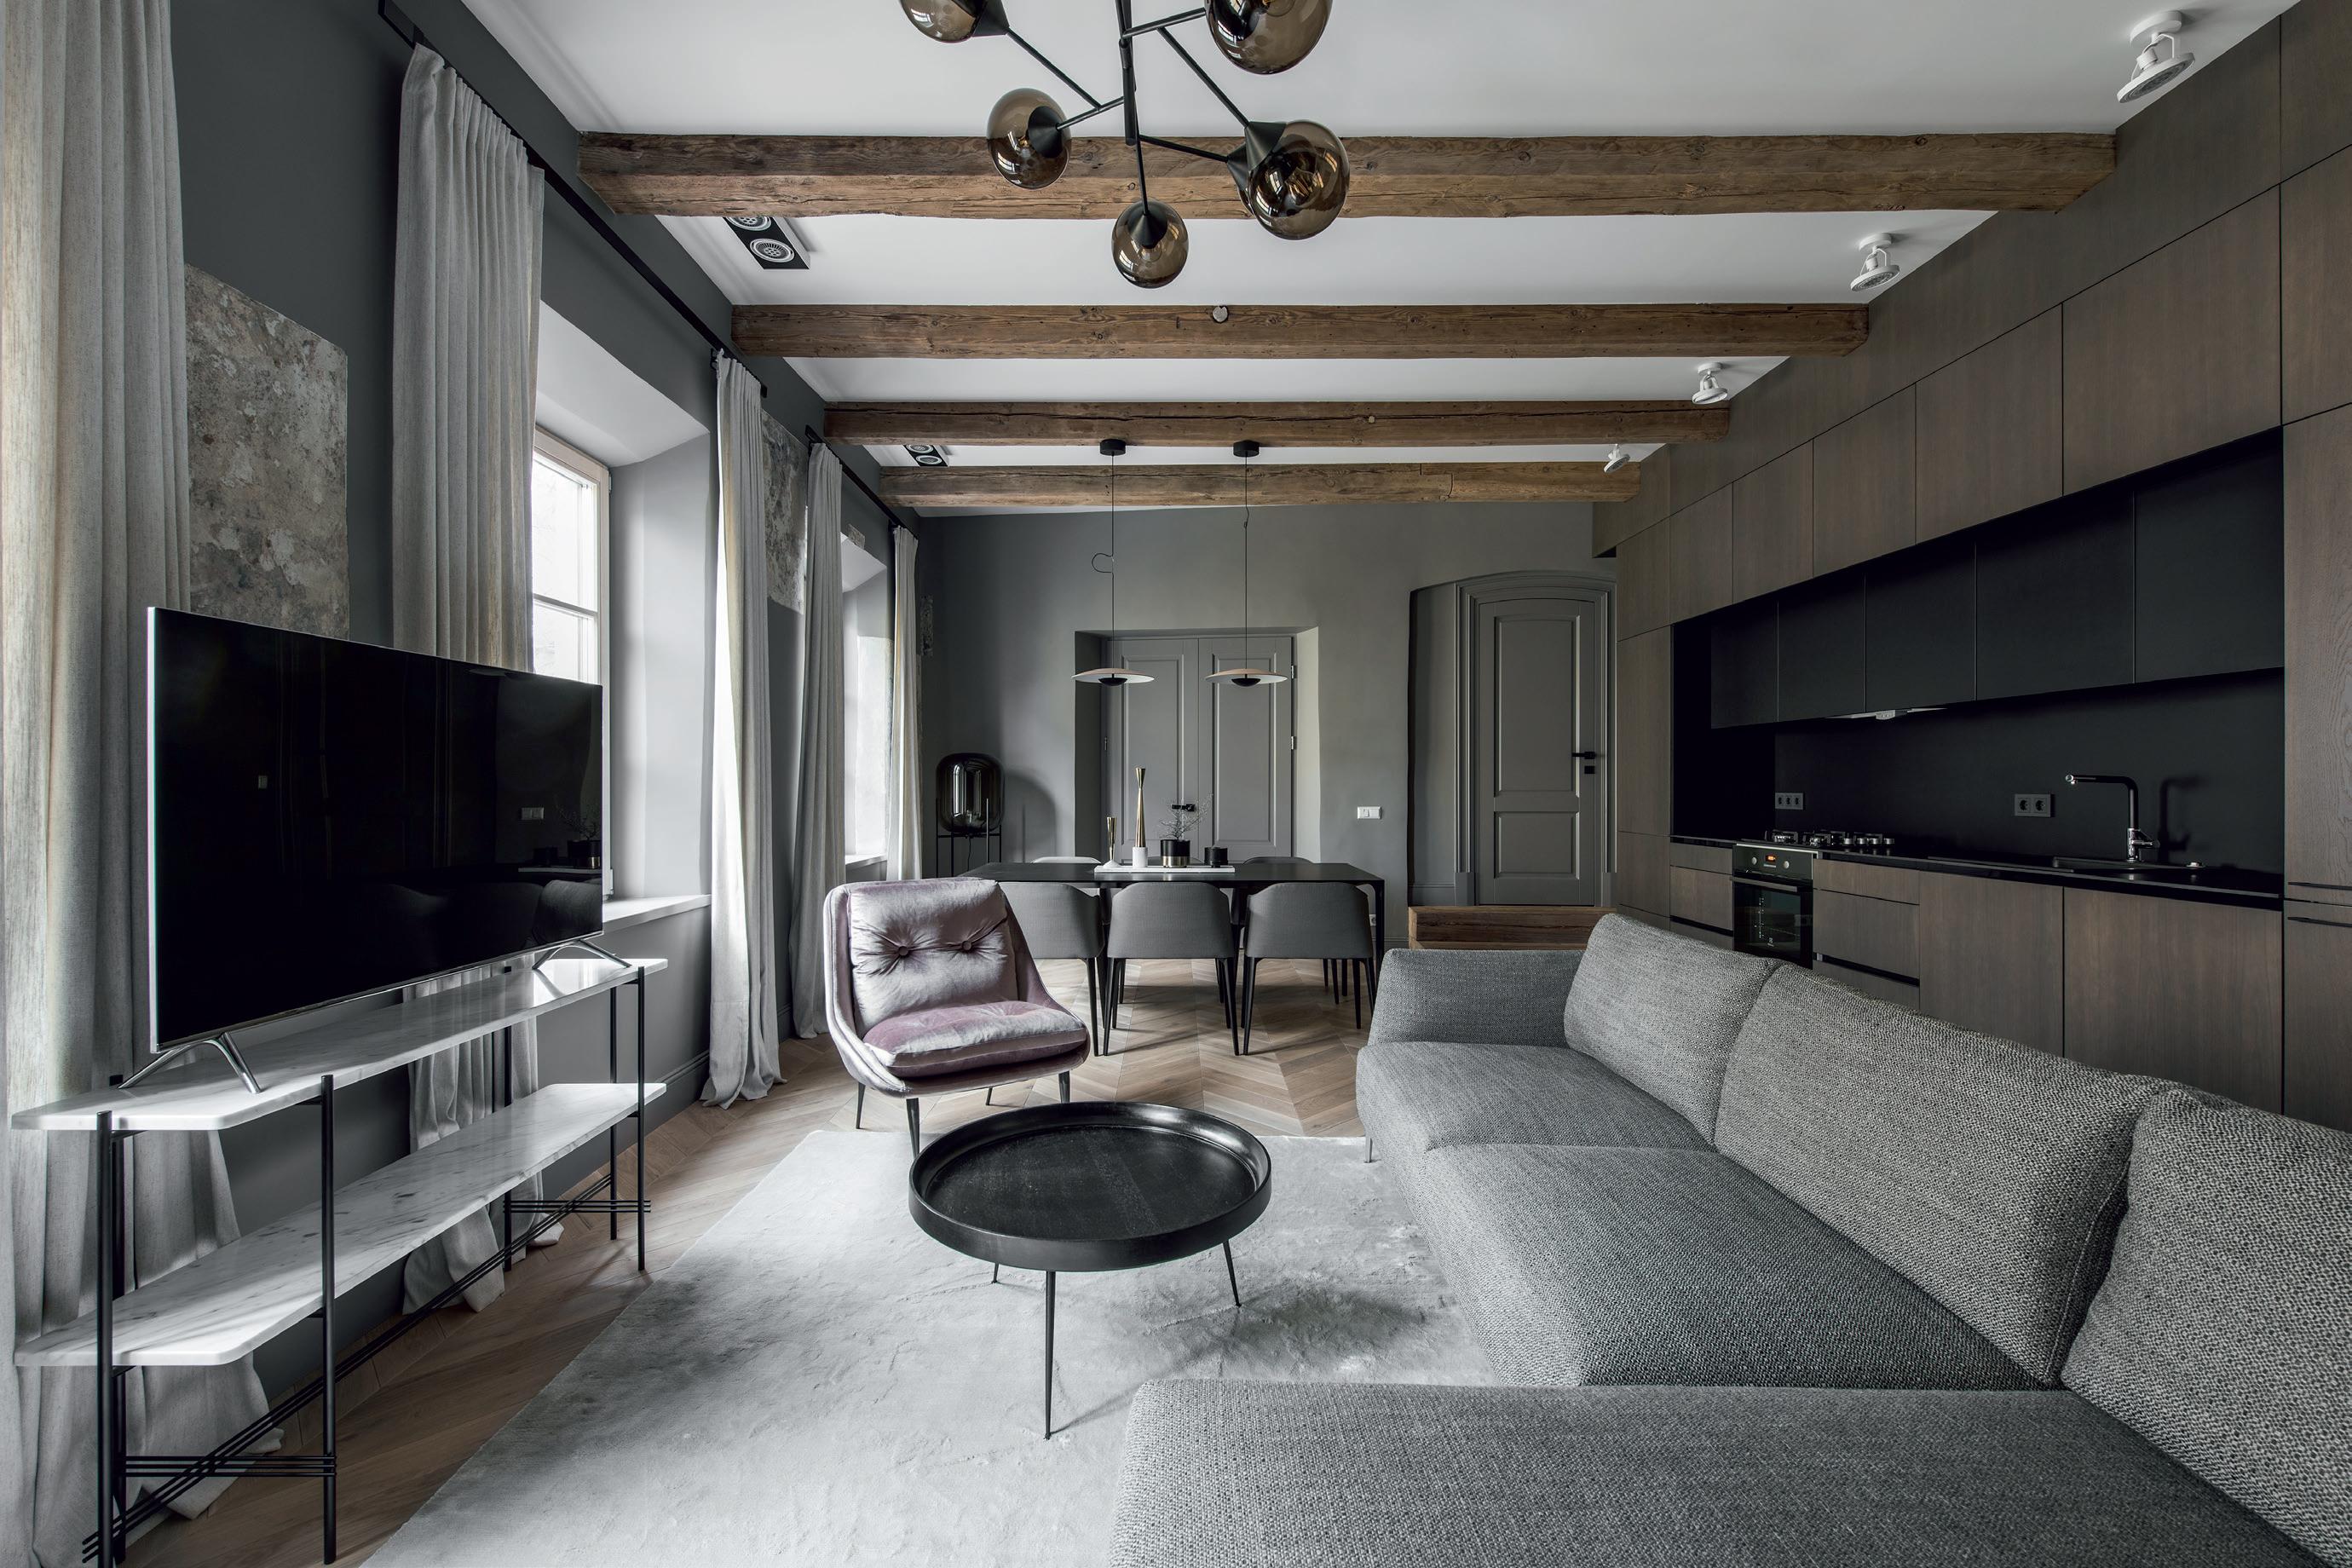 Solidžių spalvų derinys ir modernios baldų formos. Aut. Viktorija Emdė